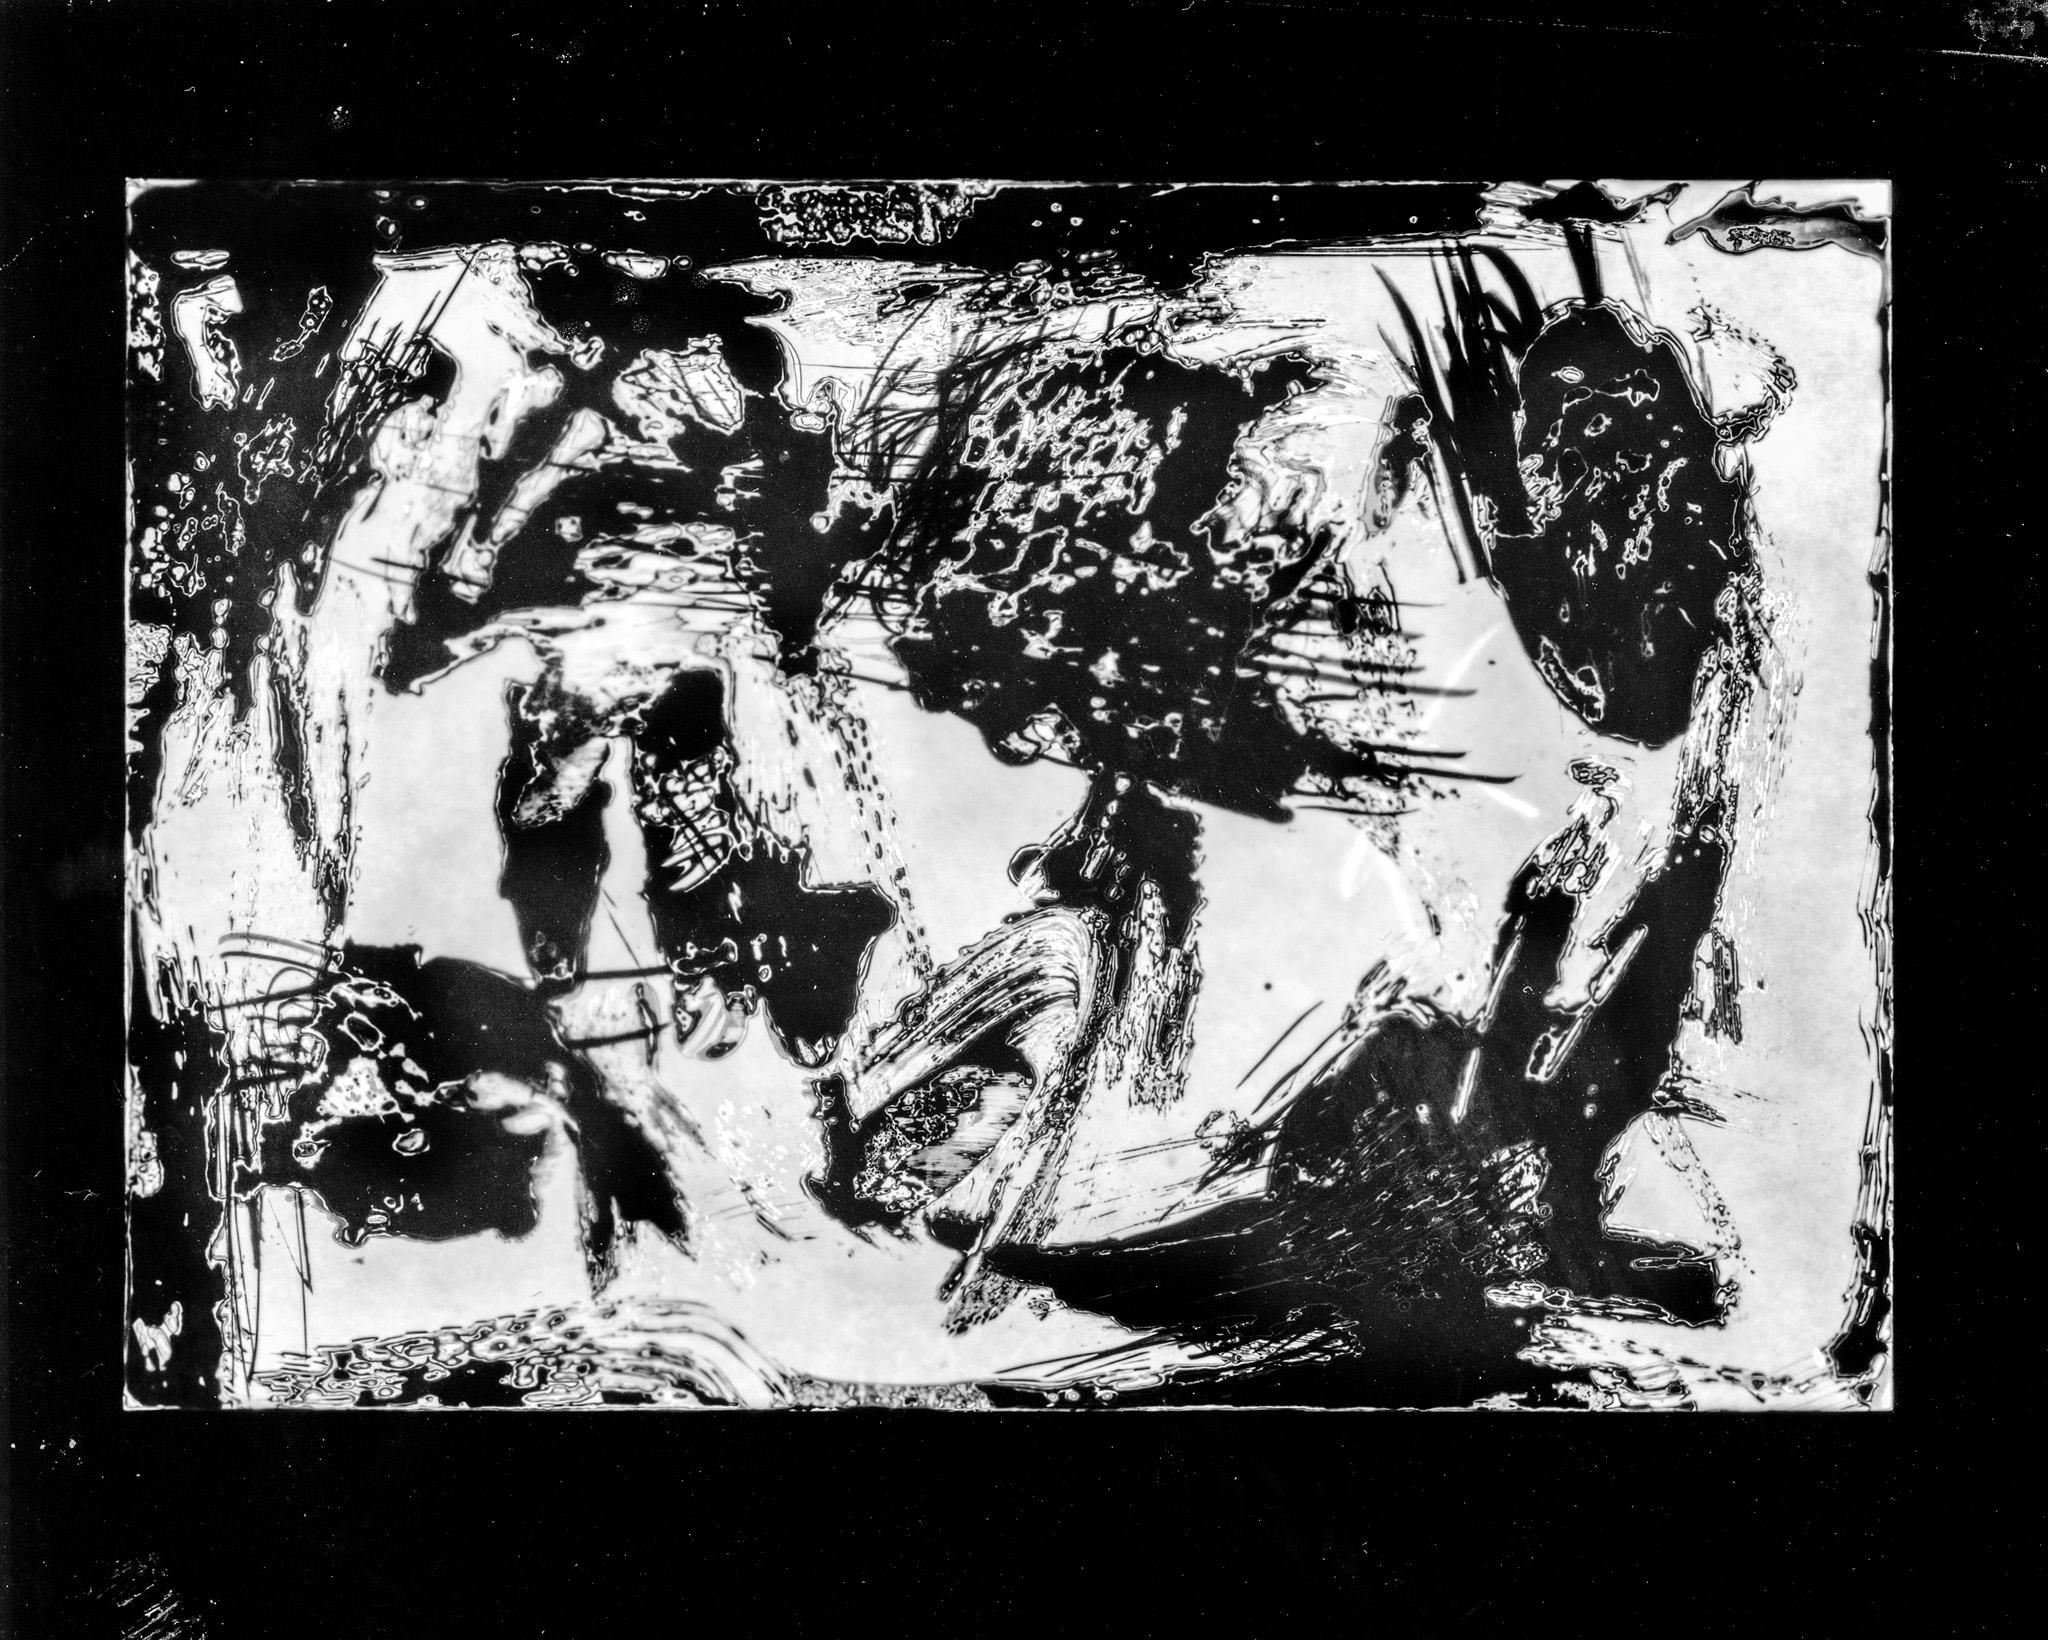 Splendid Isolation Quimigrama a preto e branco abstracto